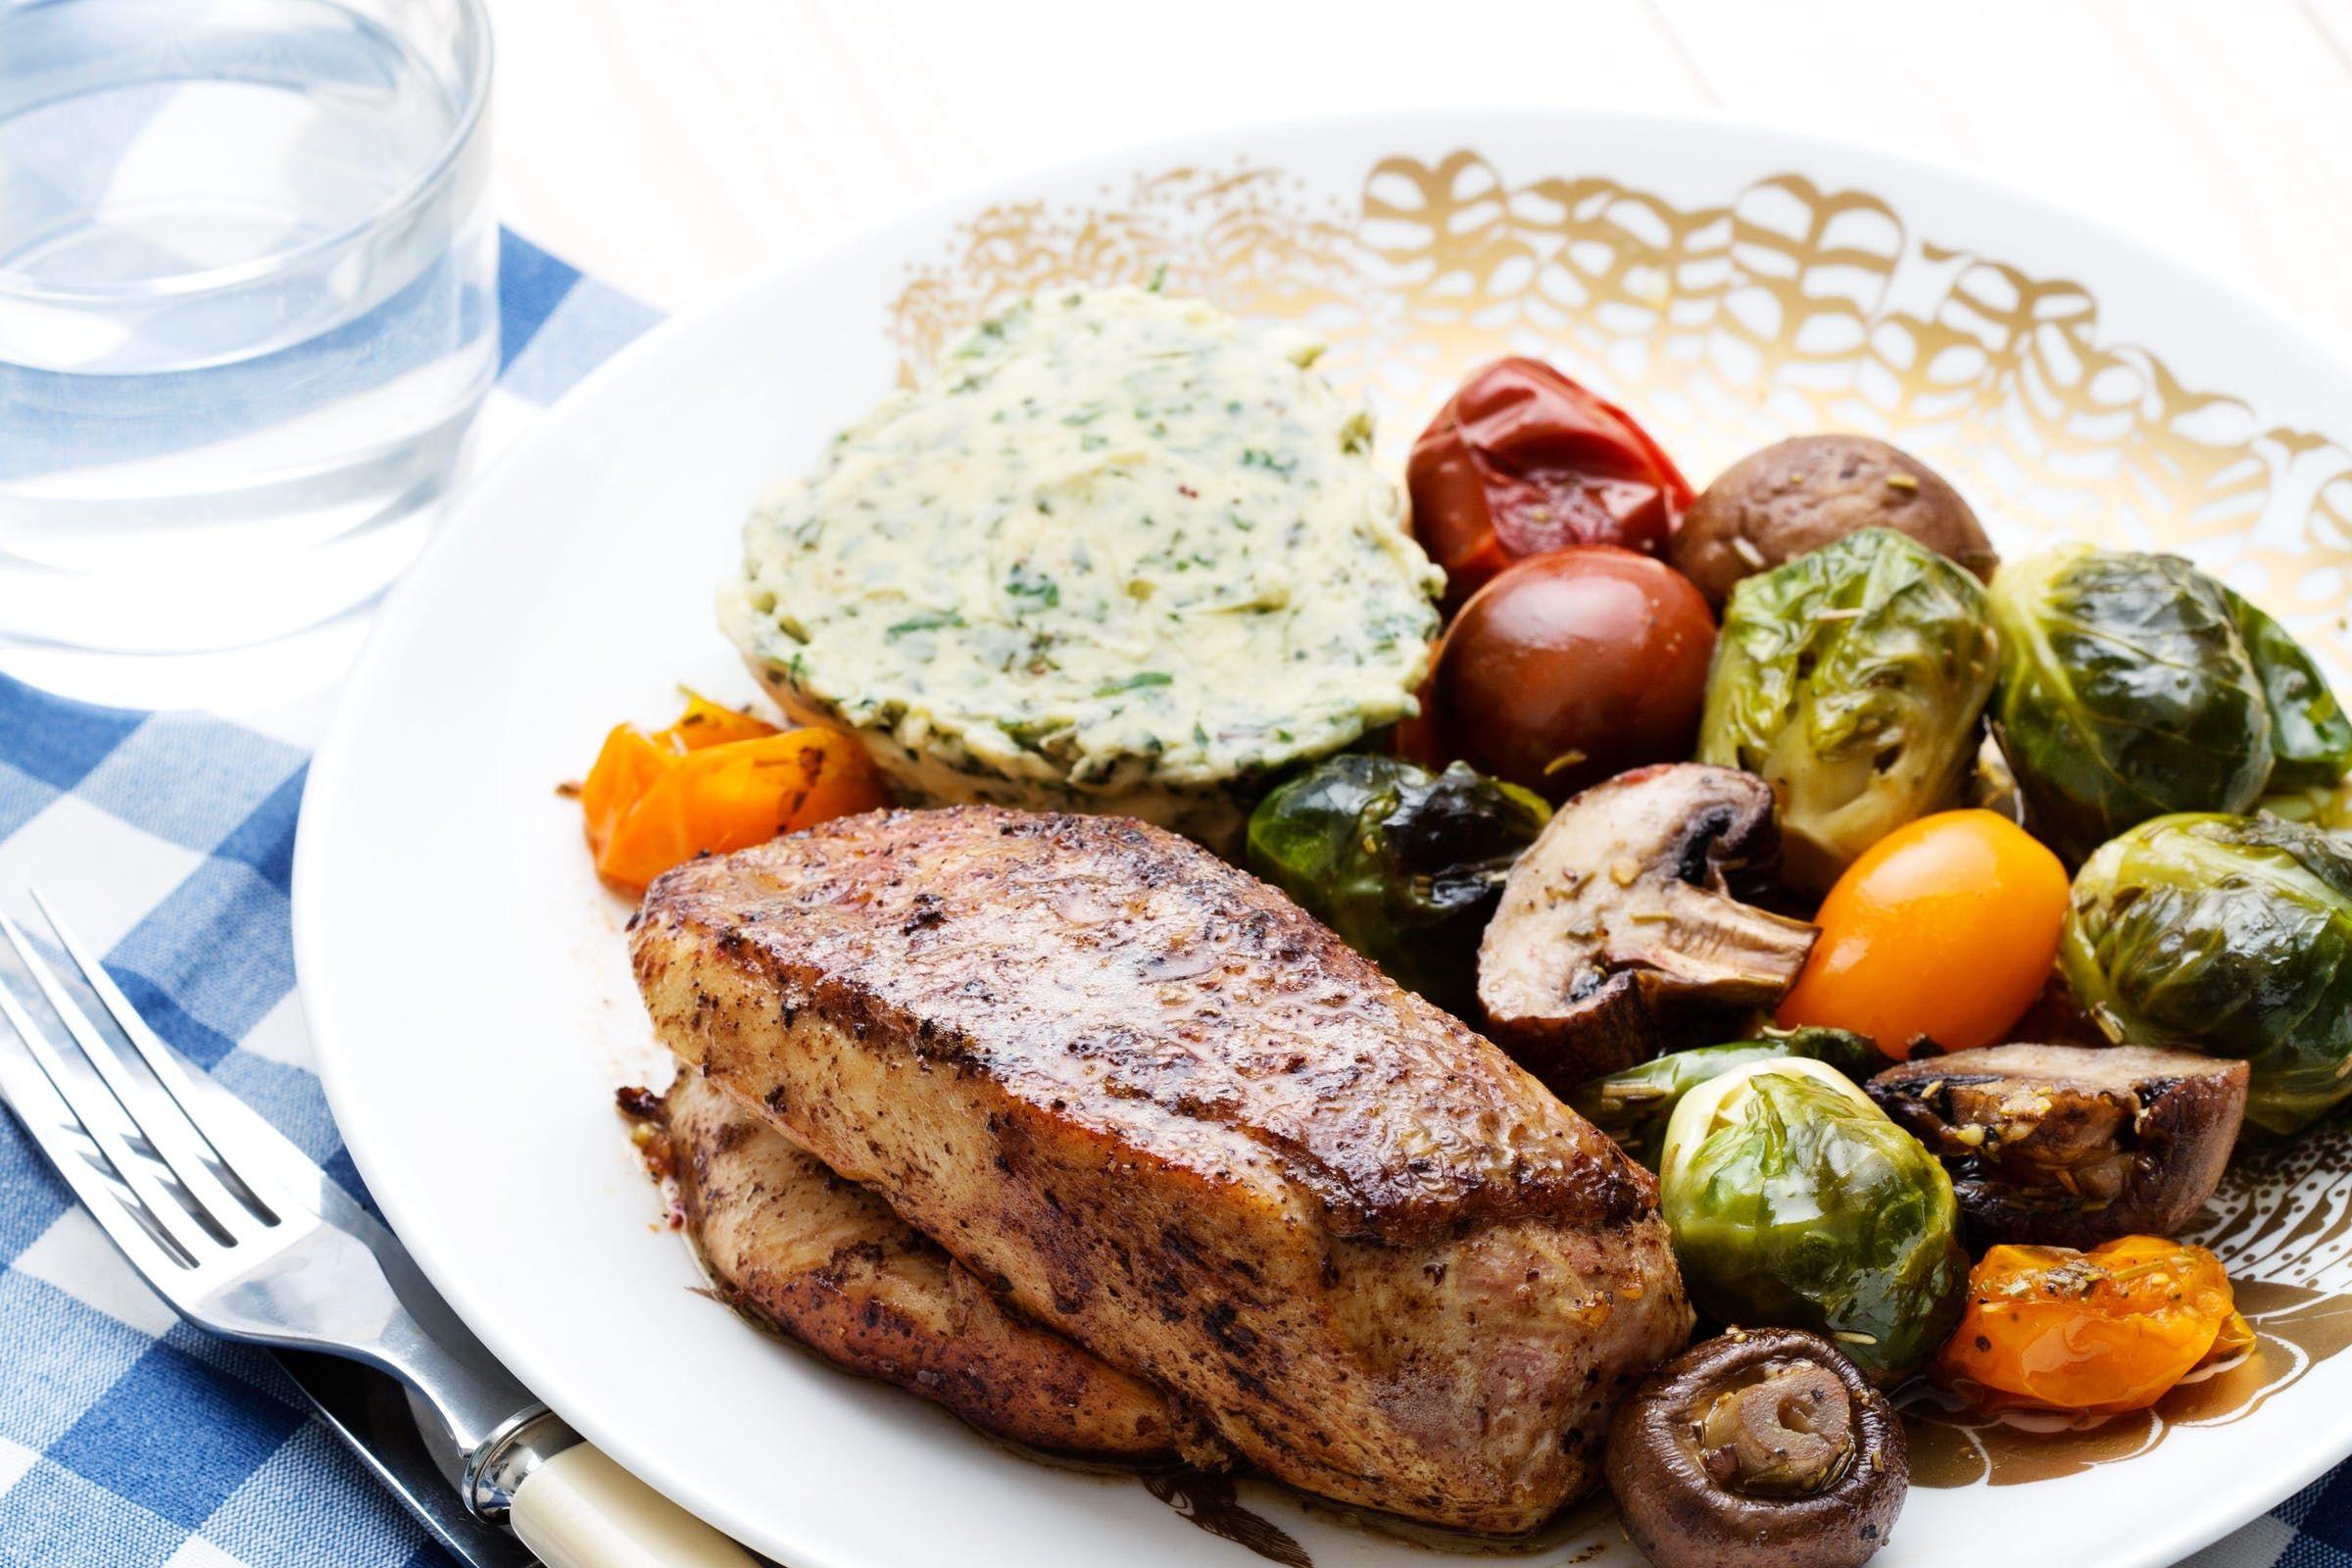 Низкоуглеводная Диета С Овощами. Низкоуглеводная диета — что можно и нельзя есть? Продукты и меню